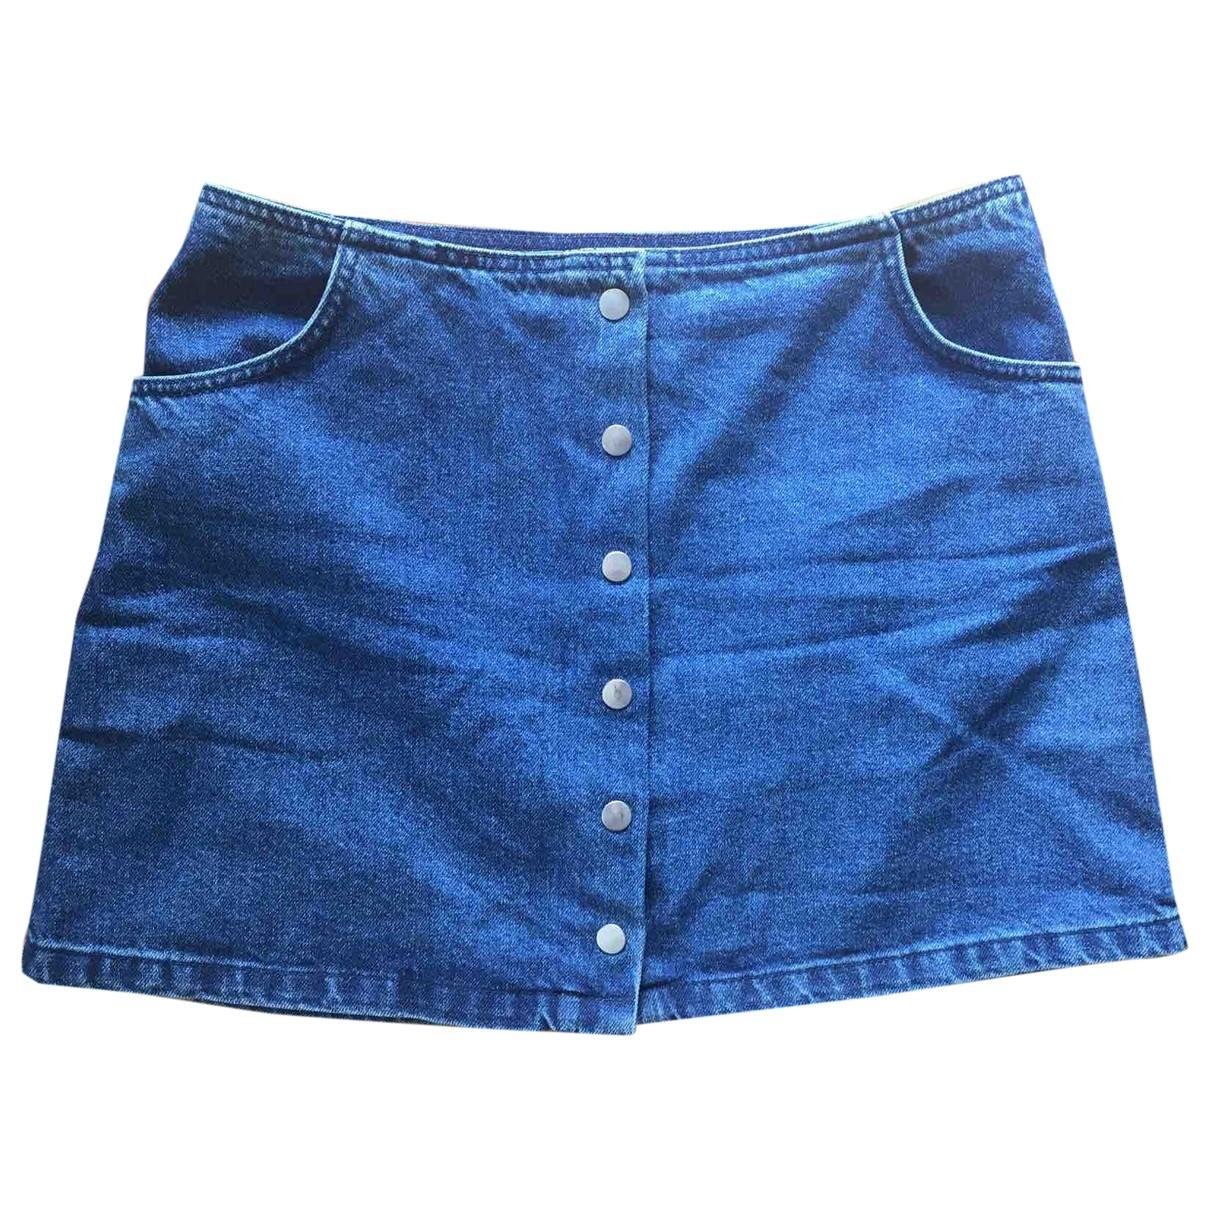 Tophop \N Rocke in  Blau Denim - Jeans